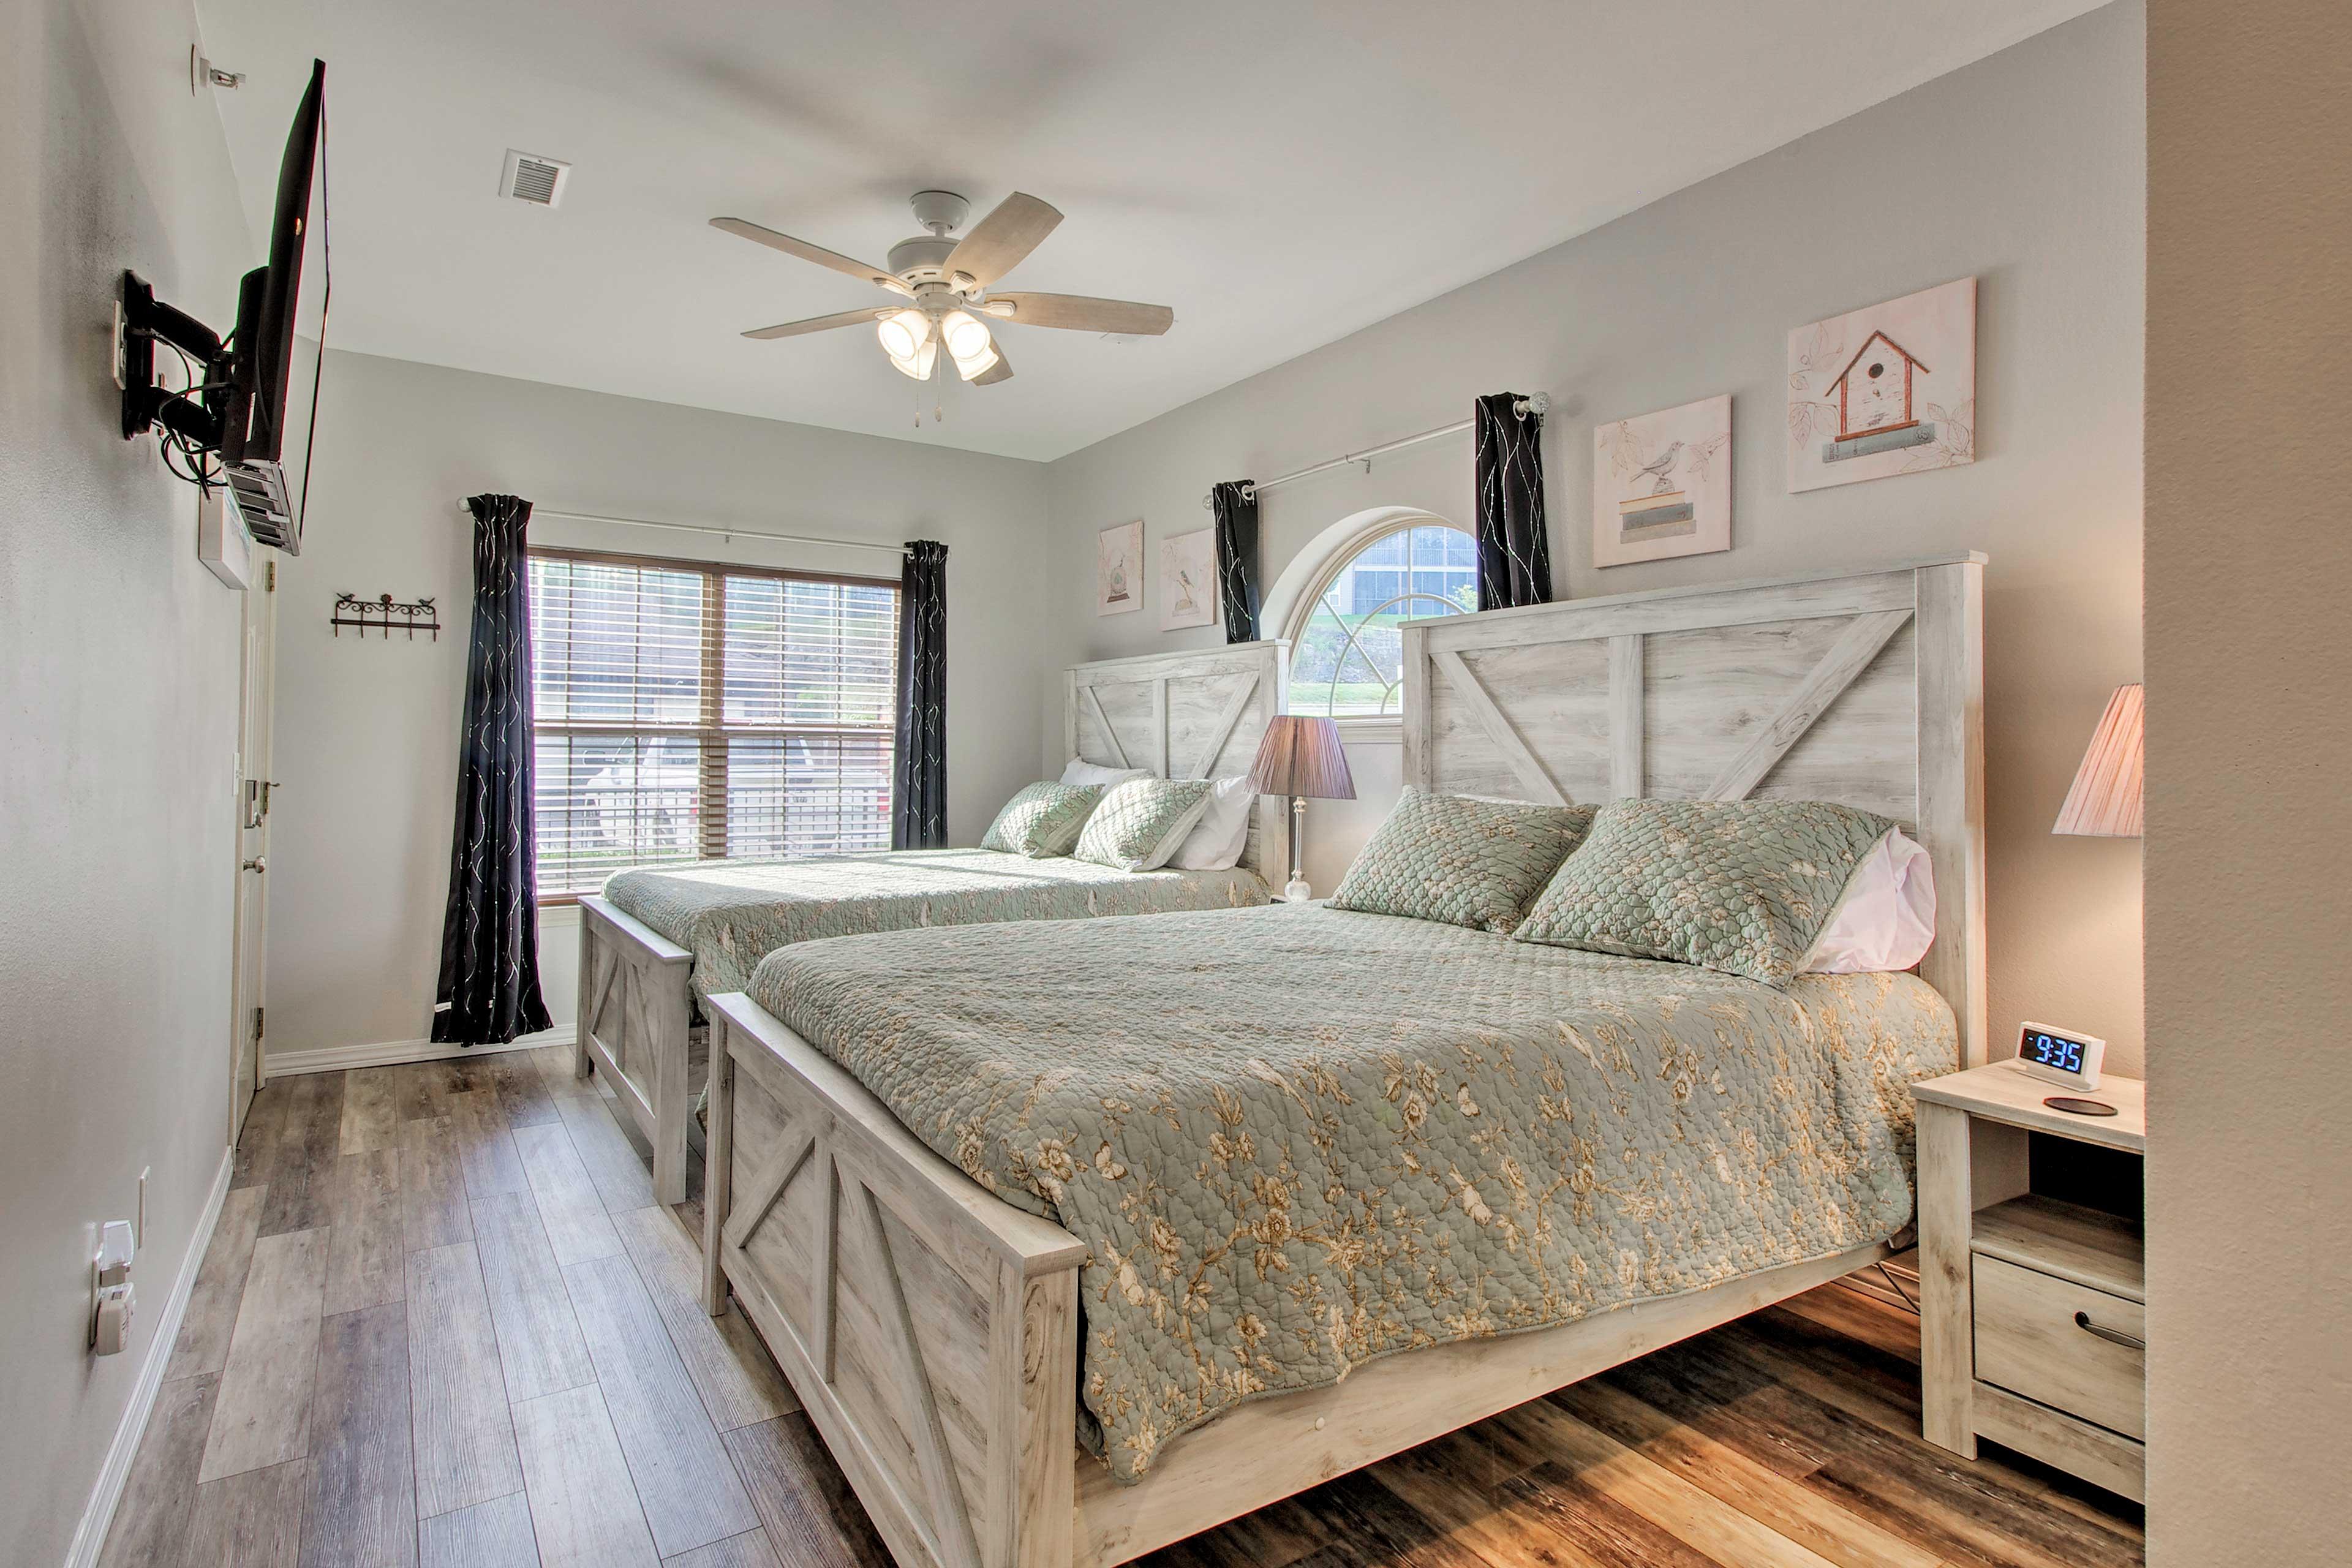 Sleep 4 in this bedroom's 2  queen-sized beds.